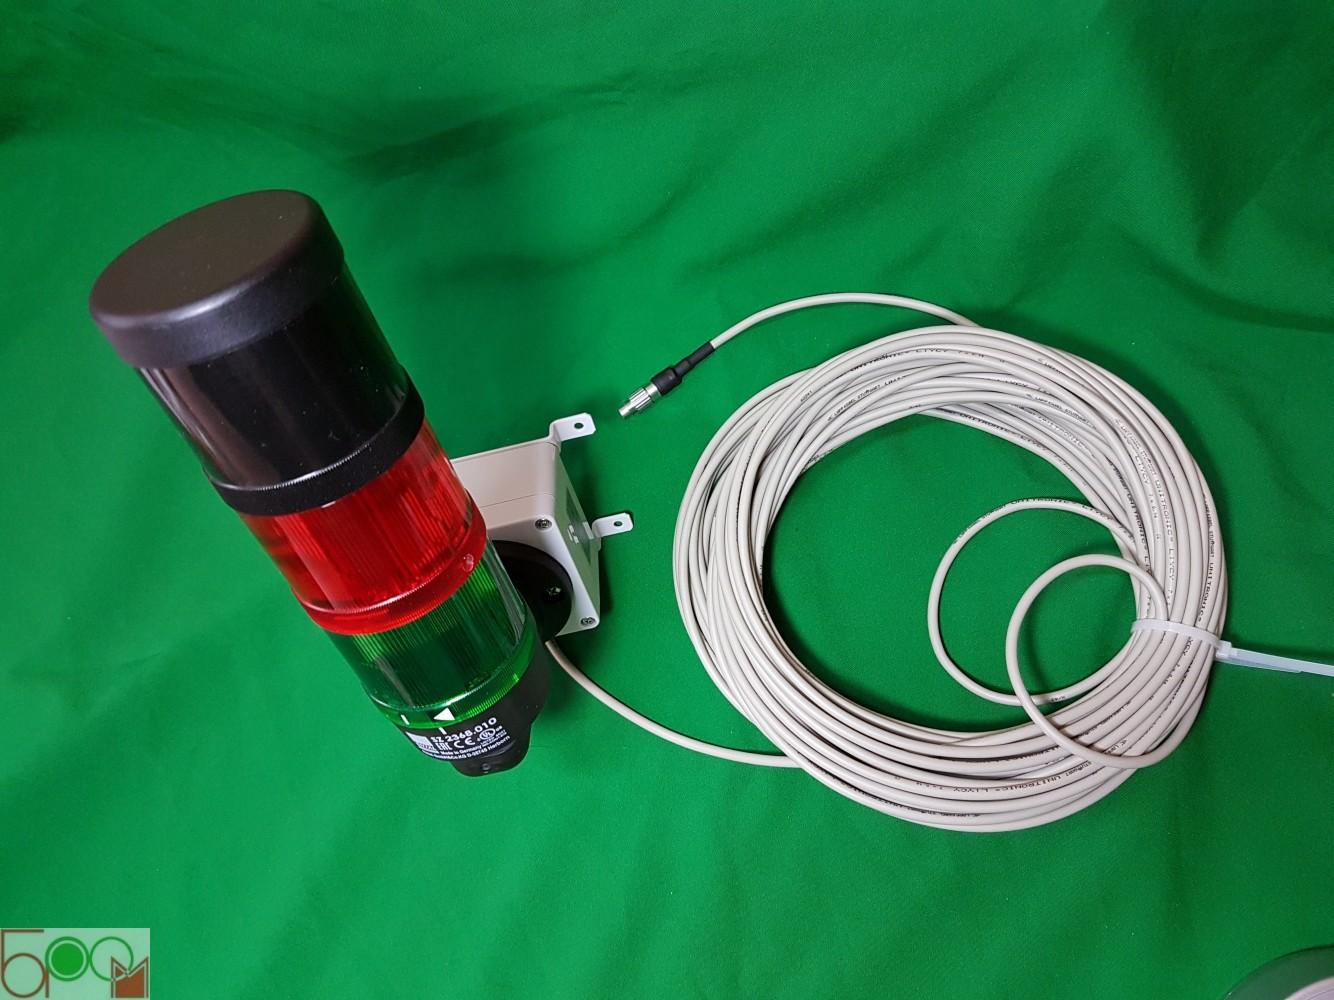 Устройство звуковой и световой сигнализации для Дозиметров рентгеновского и гамма-излучения ДКС–АТ1121 и ДКС–АТ1123 - 1